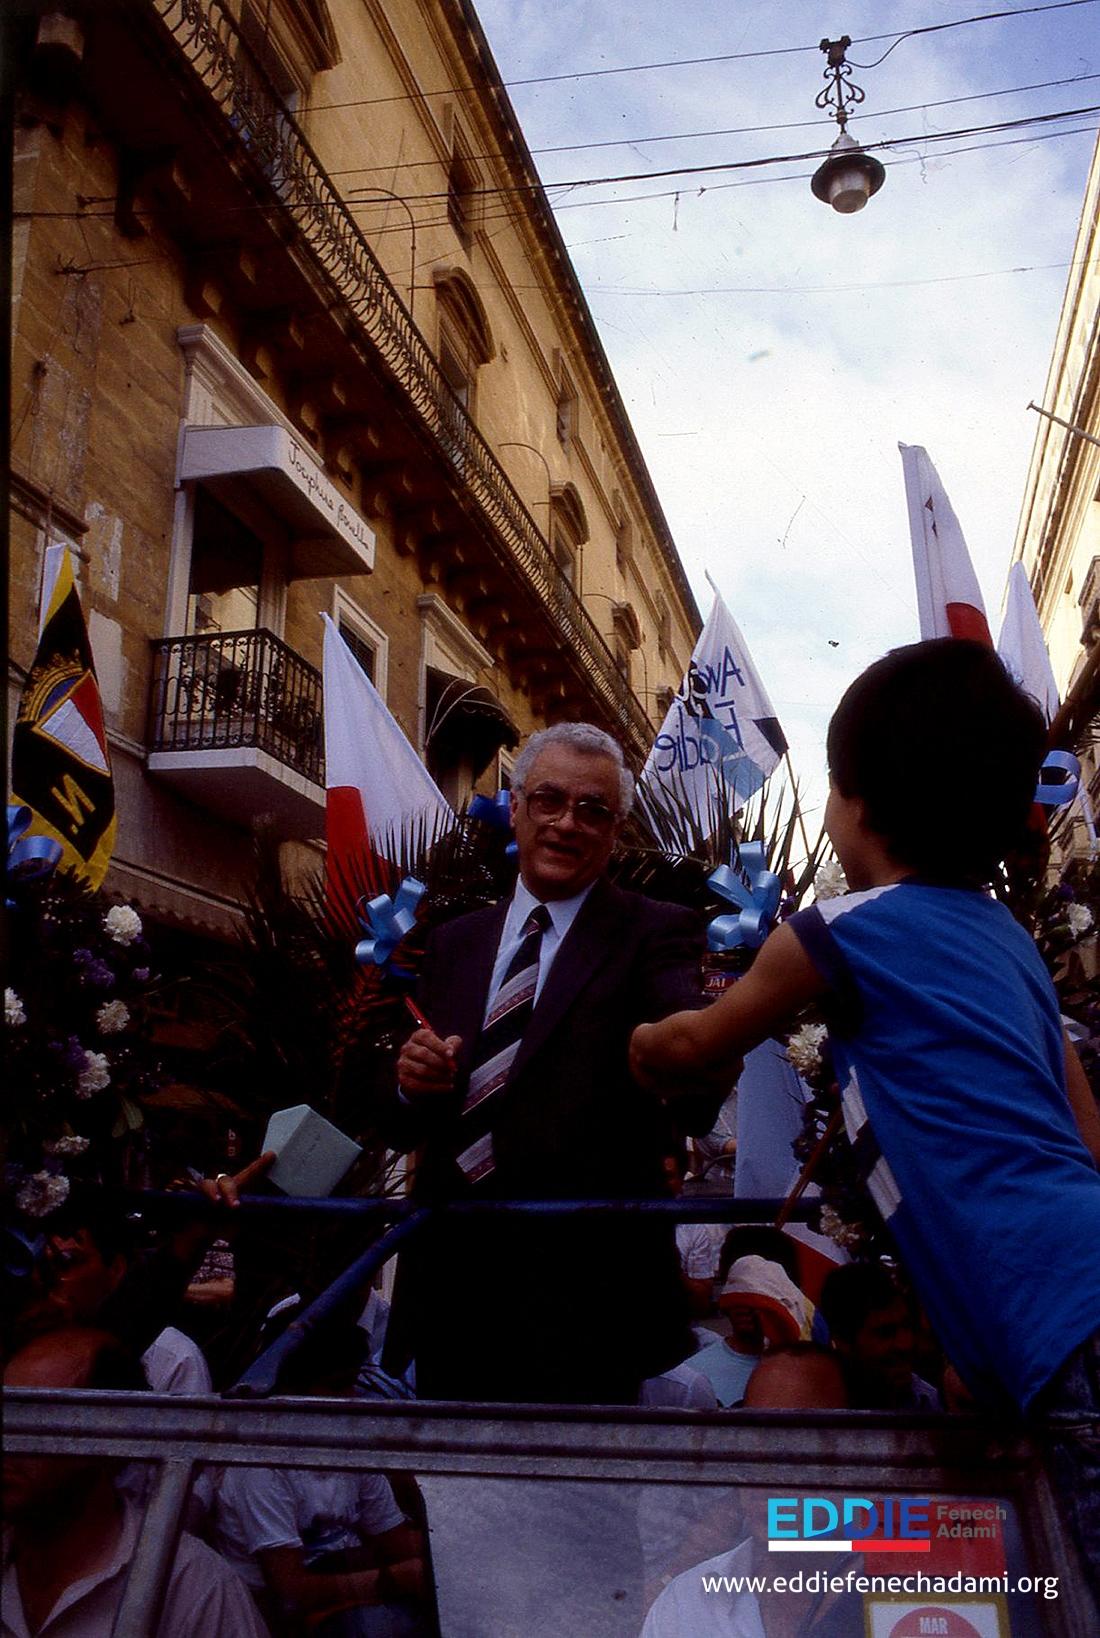 www.eddiefenechadami.org0055